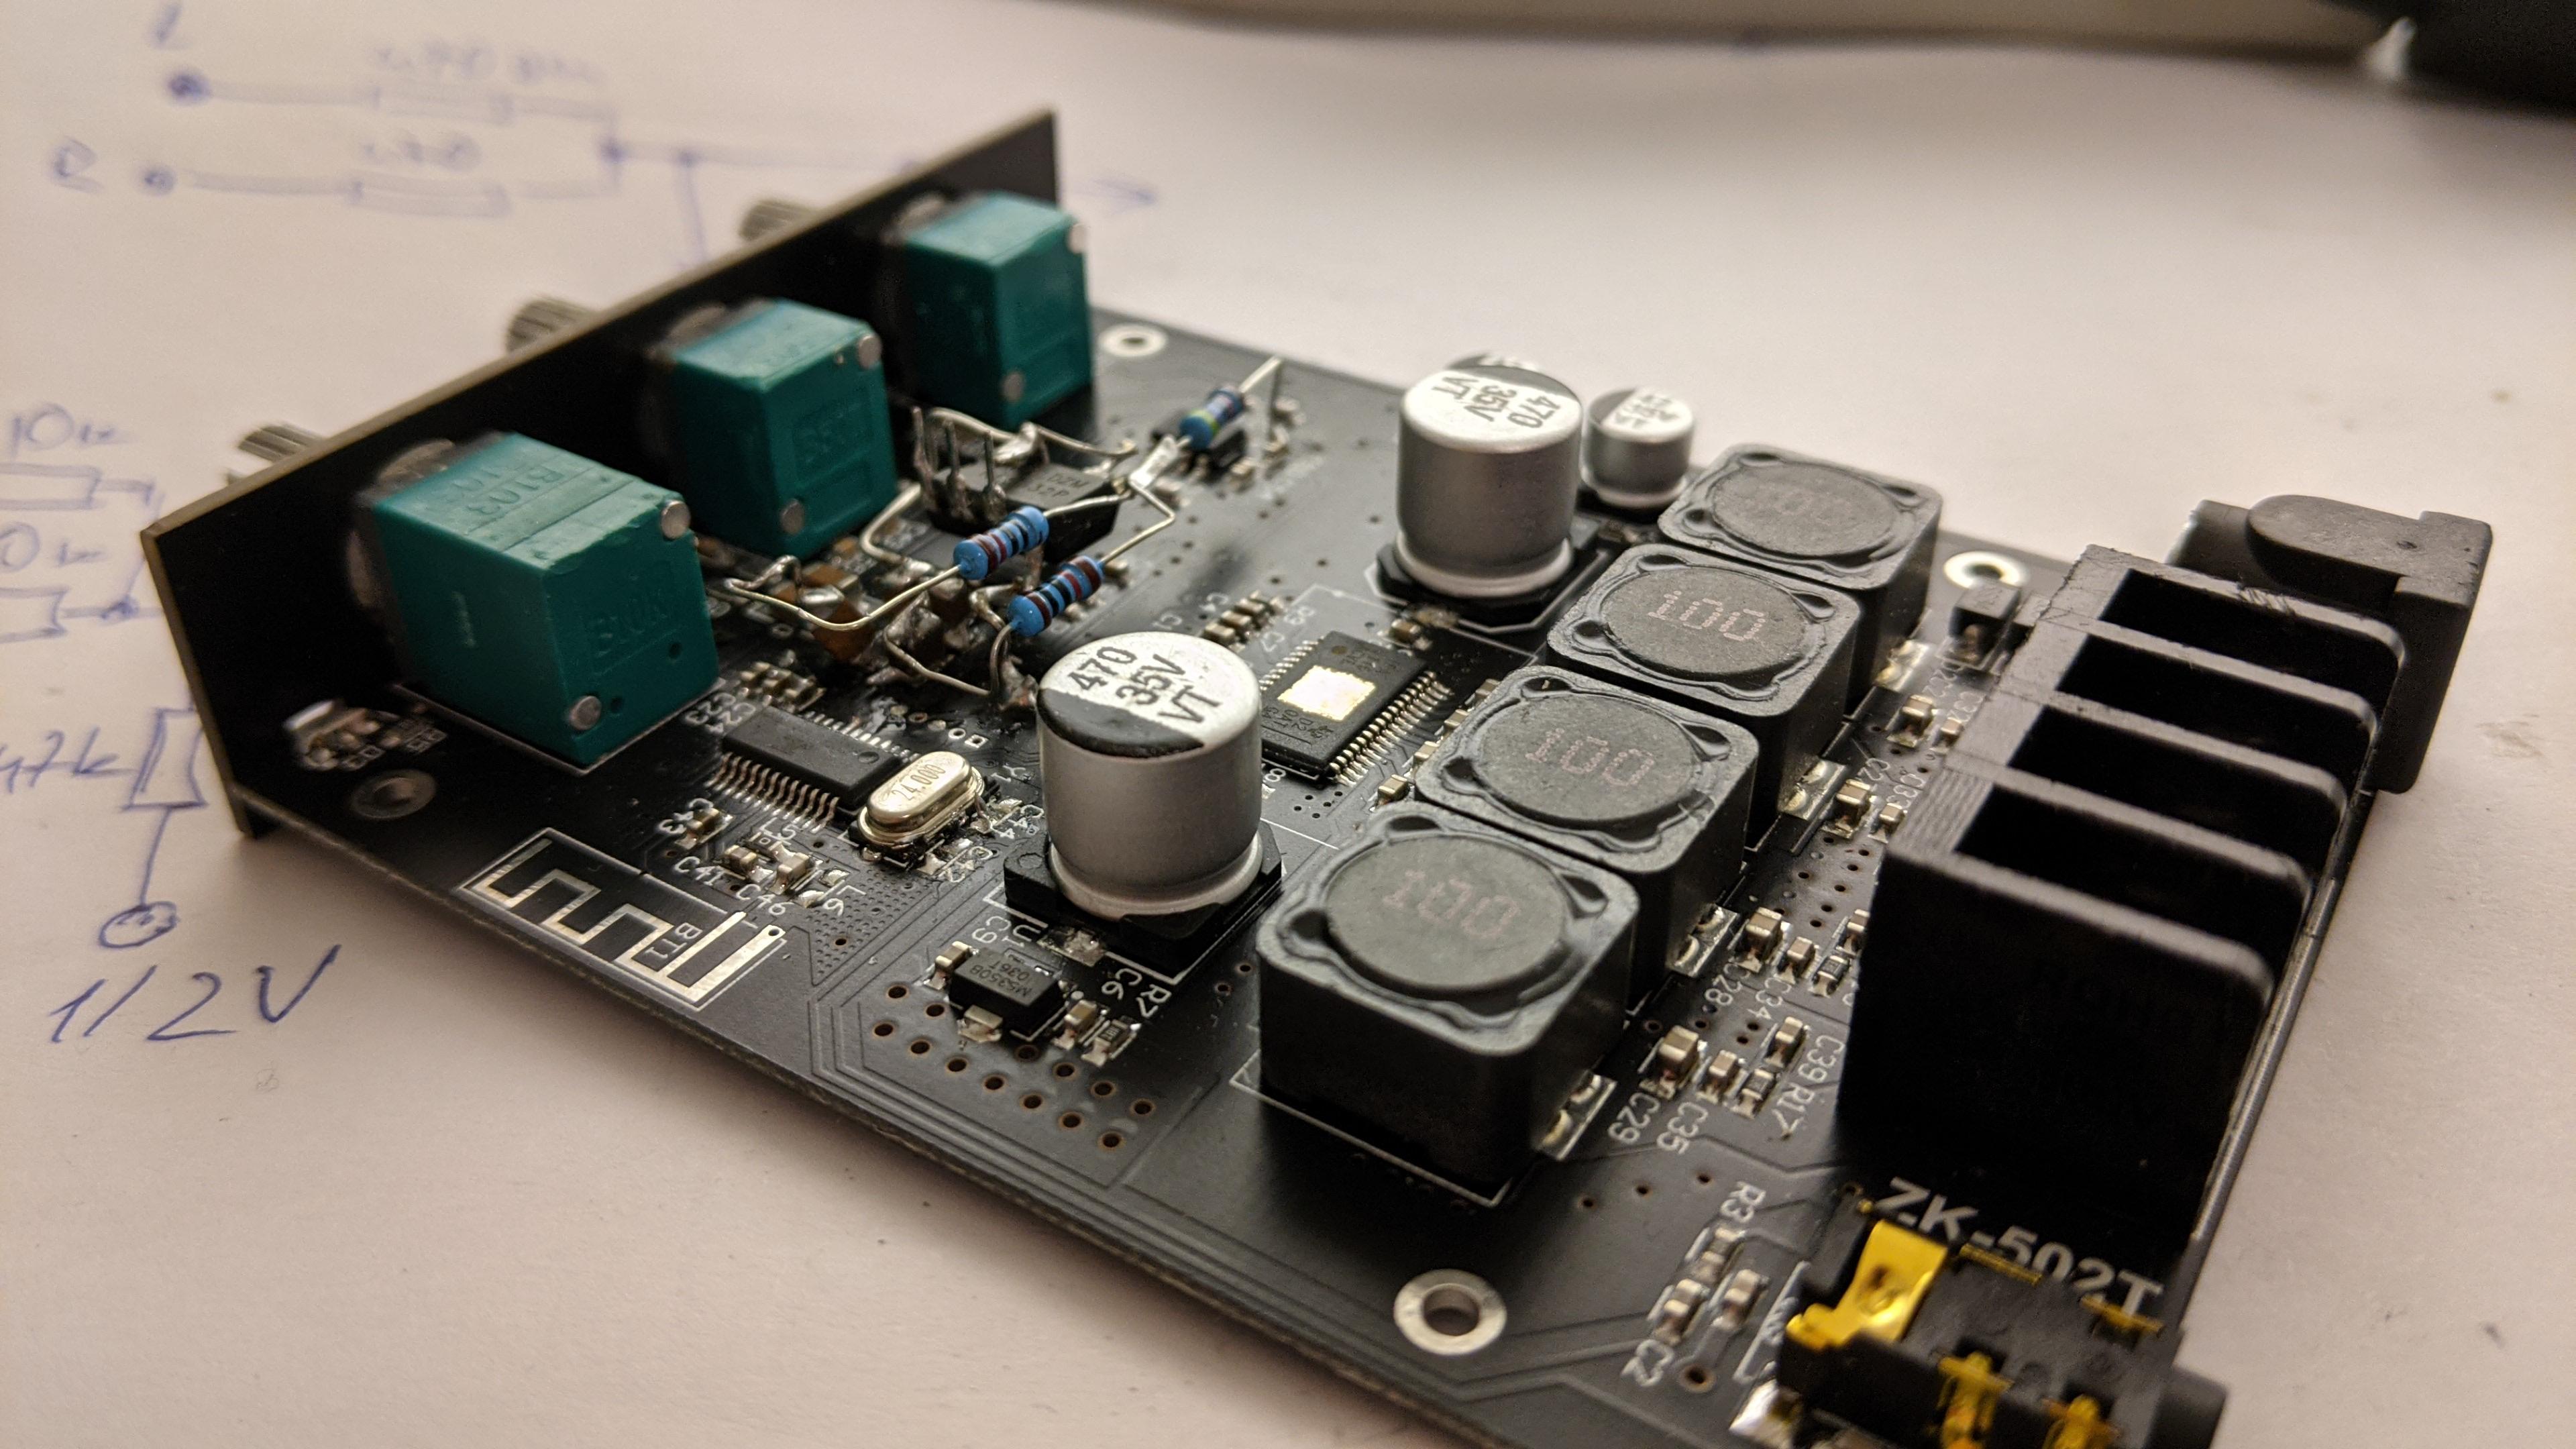 ZK-502T hack